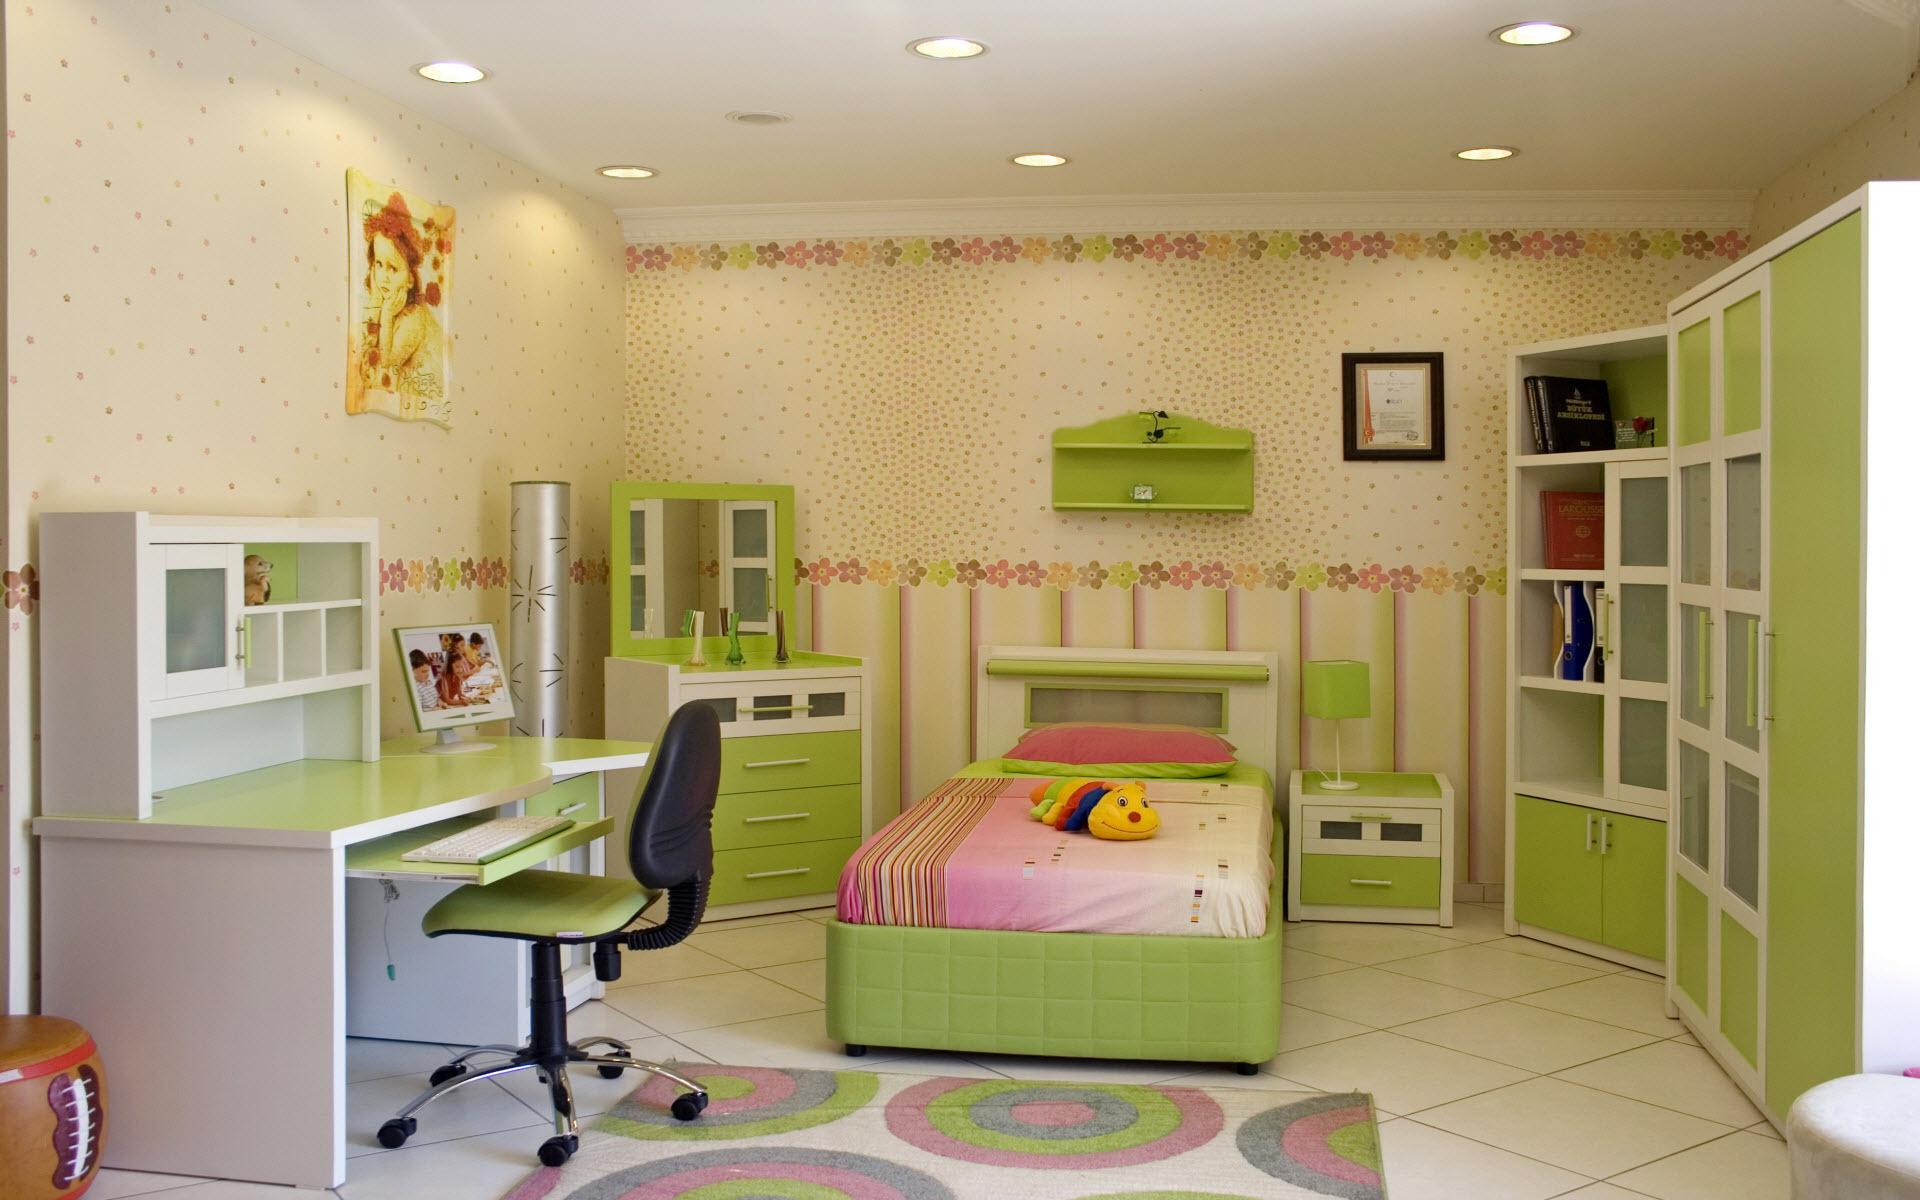 Днем работников, картинки комнаты для детей девочек